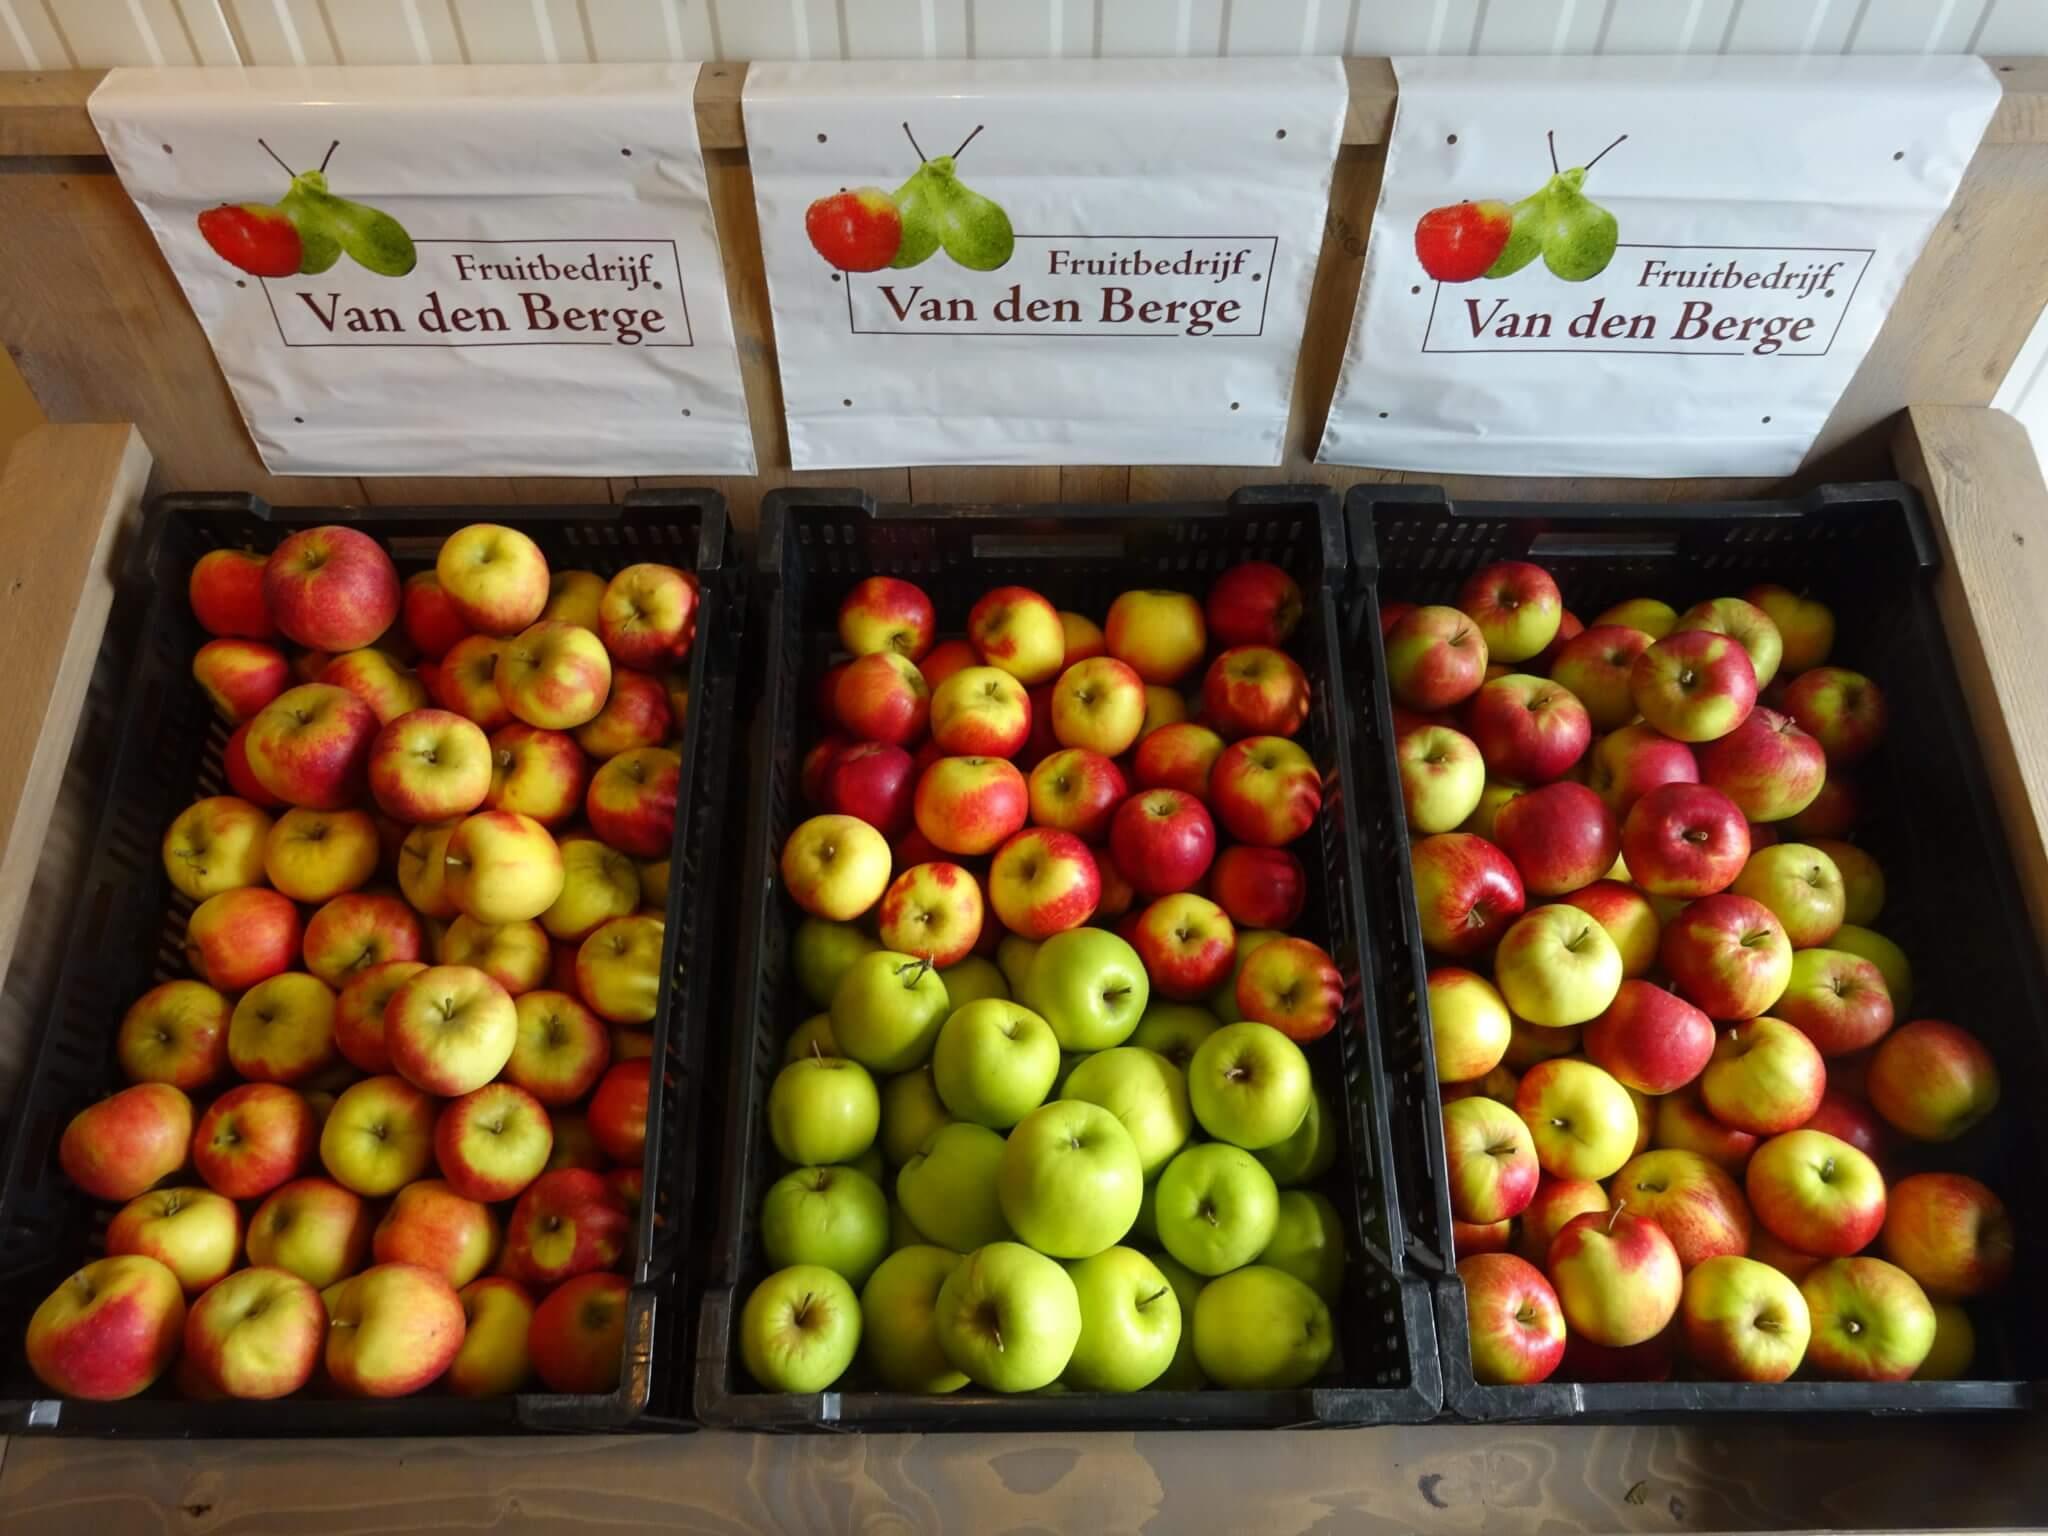 Fruitbedrijf Van den Berge_Handappels naar keuze